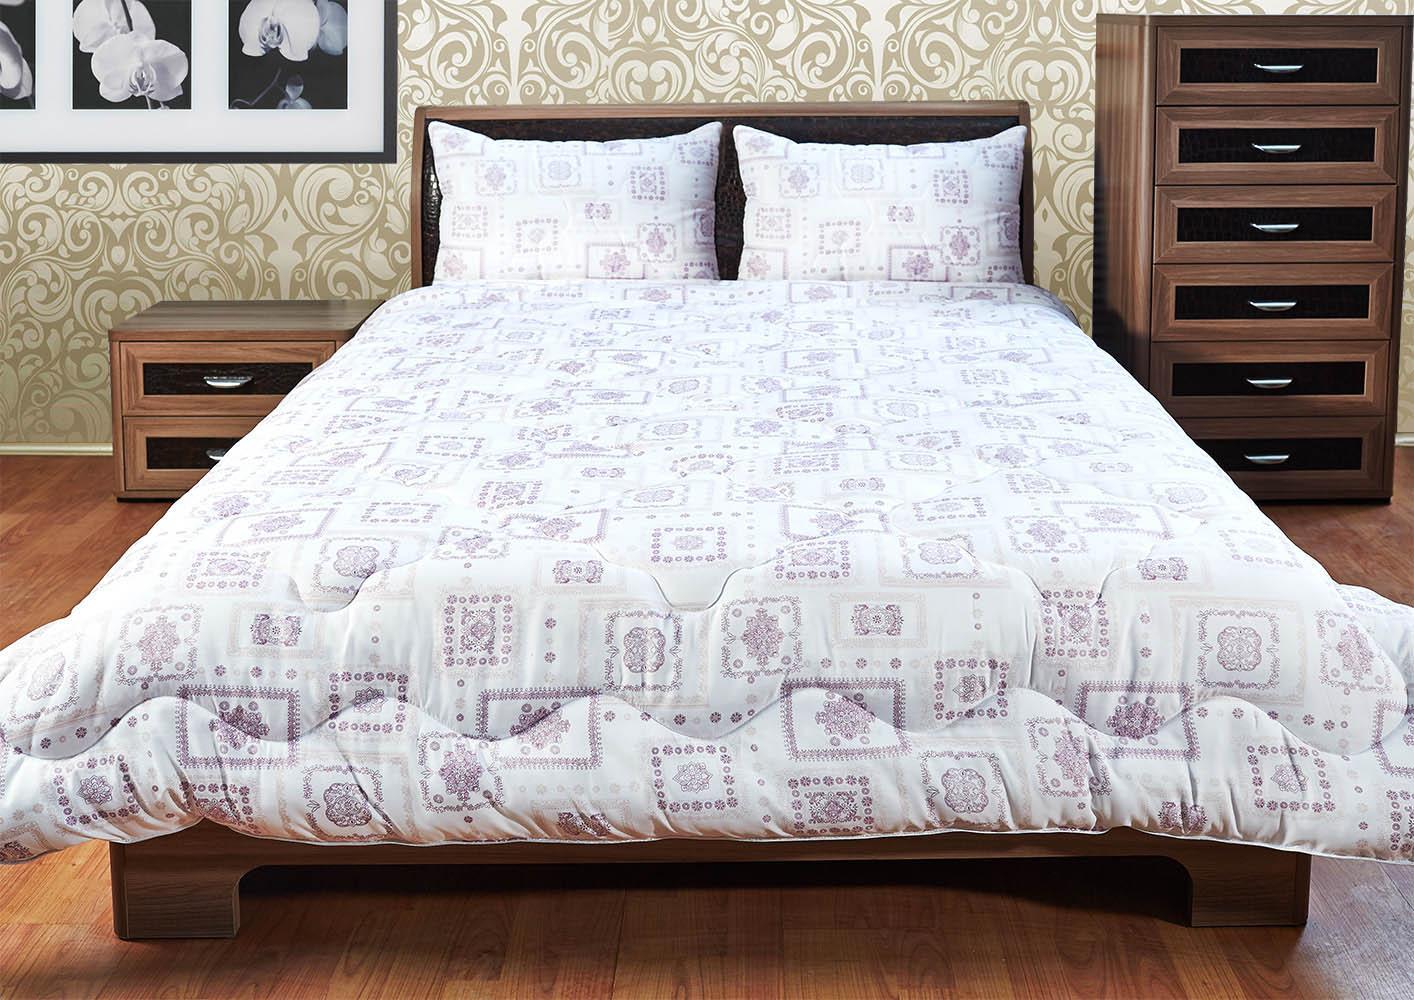 Одеяла Primavelle Одеяло Aster Цвет: Белый (140х205 см) одеяло двуспальное primavelle aster